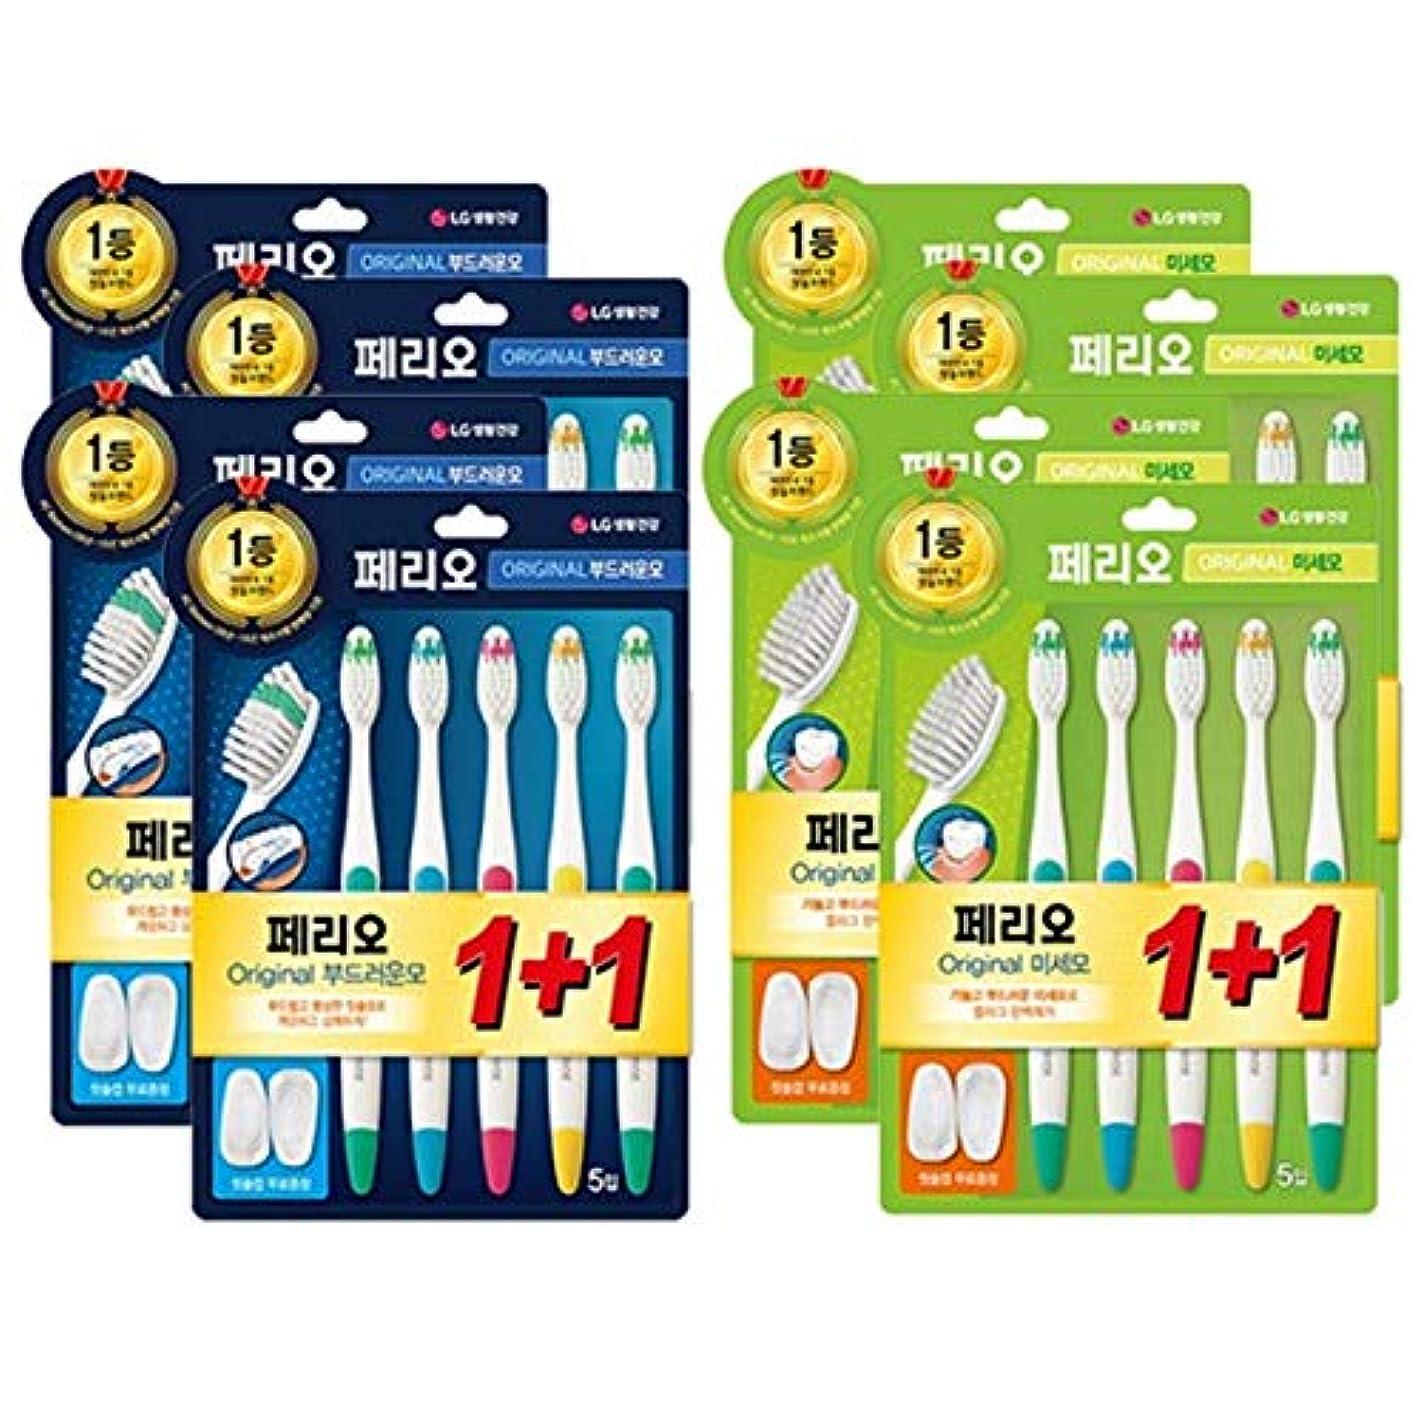 海上彼ら考案する[LG HnB] Perio original toothbrush/ペリオオリジナル歯ブラシ 10口x4個(海外直送品)